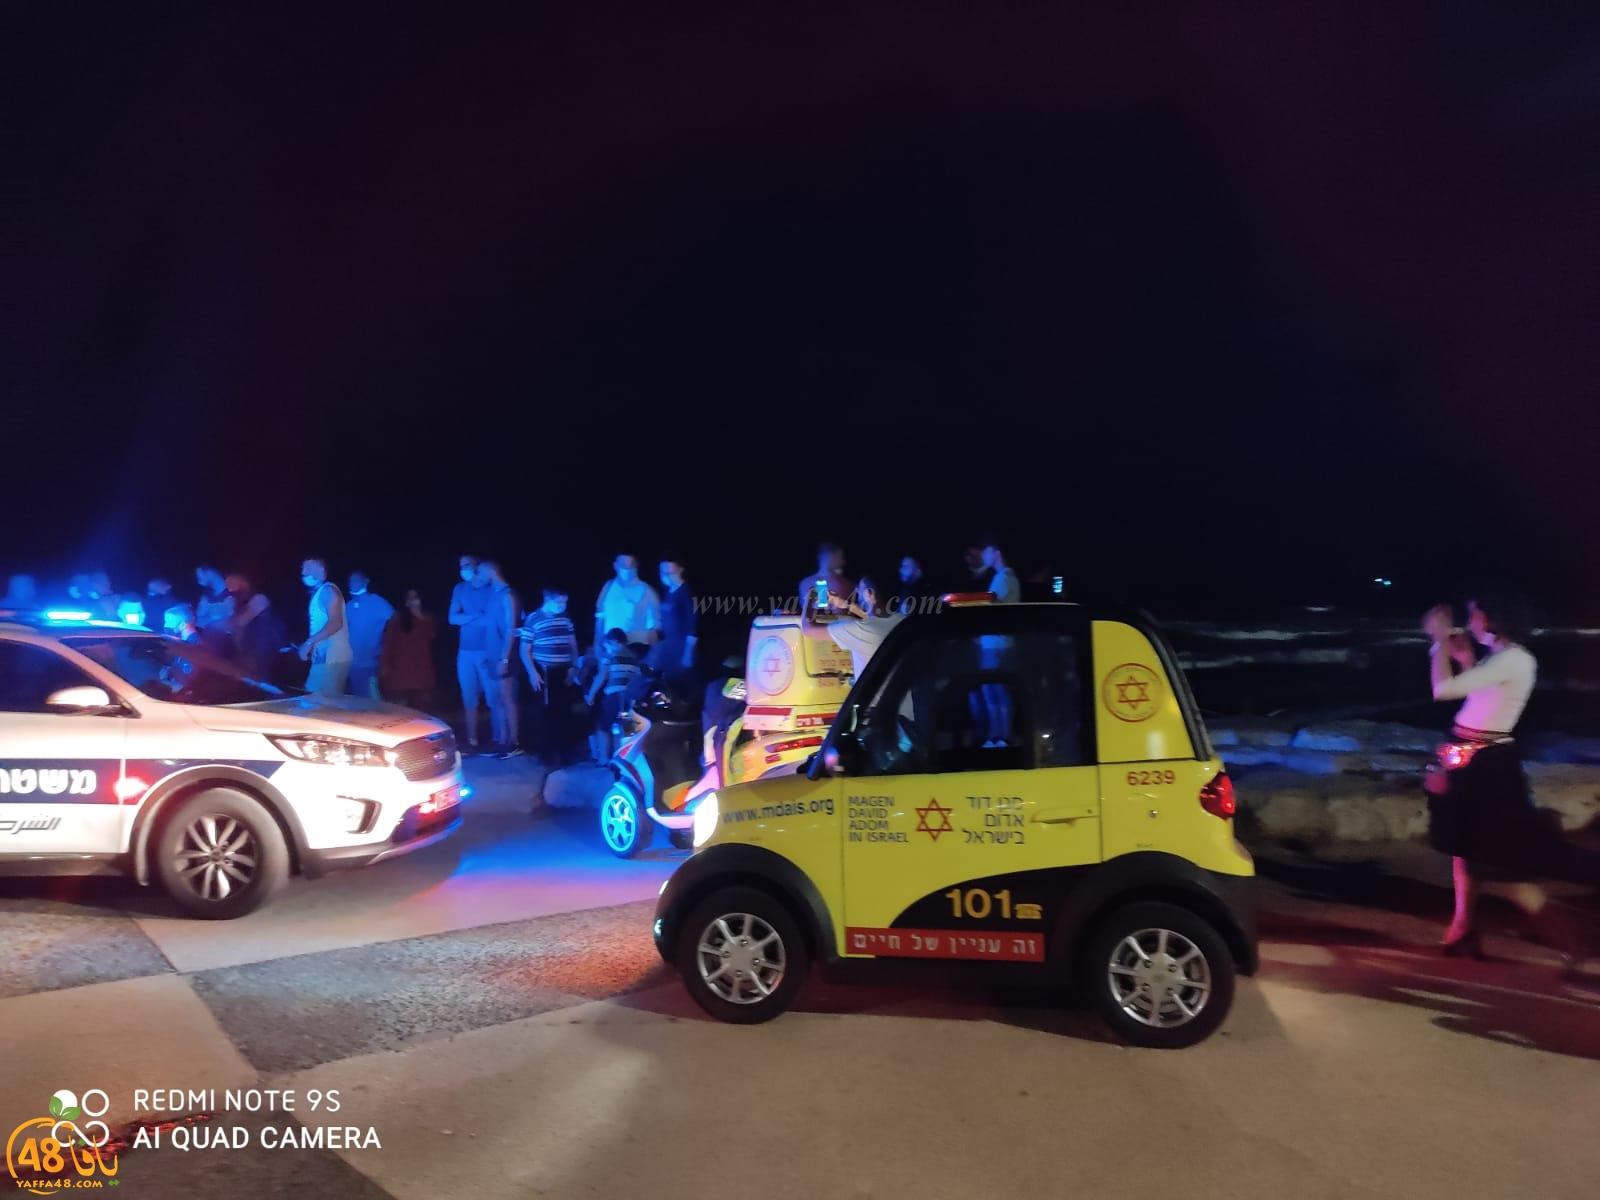 انتشال شابين غرقا على شاطئ البحر شمال مدينة يافا وحالتهما طفيفة